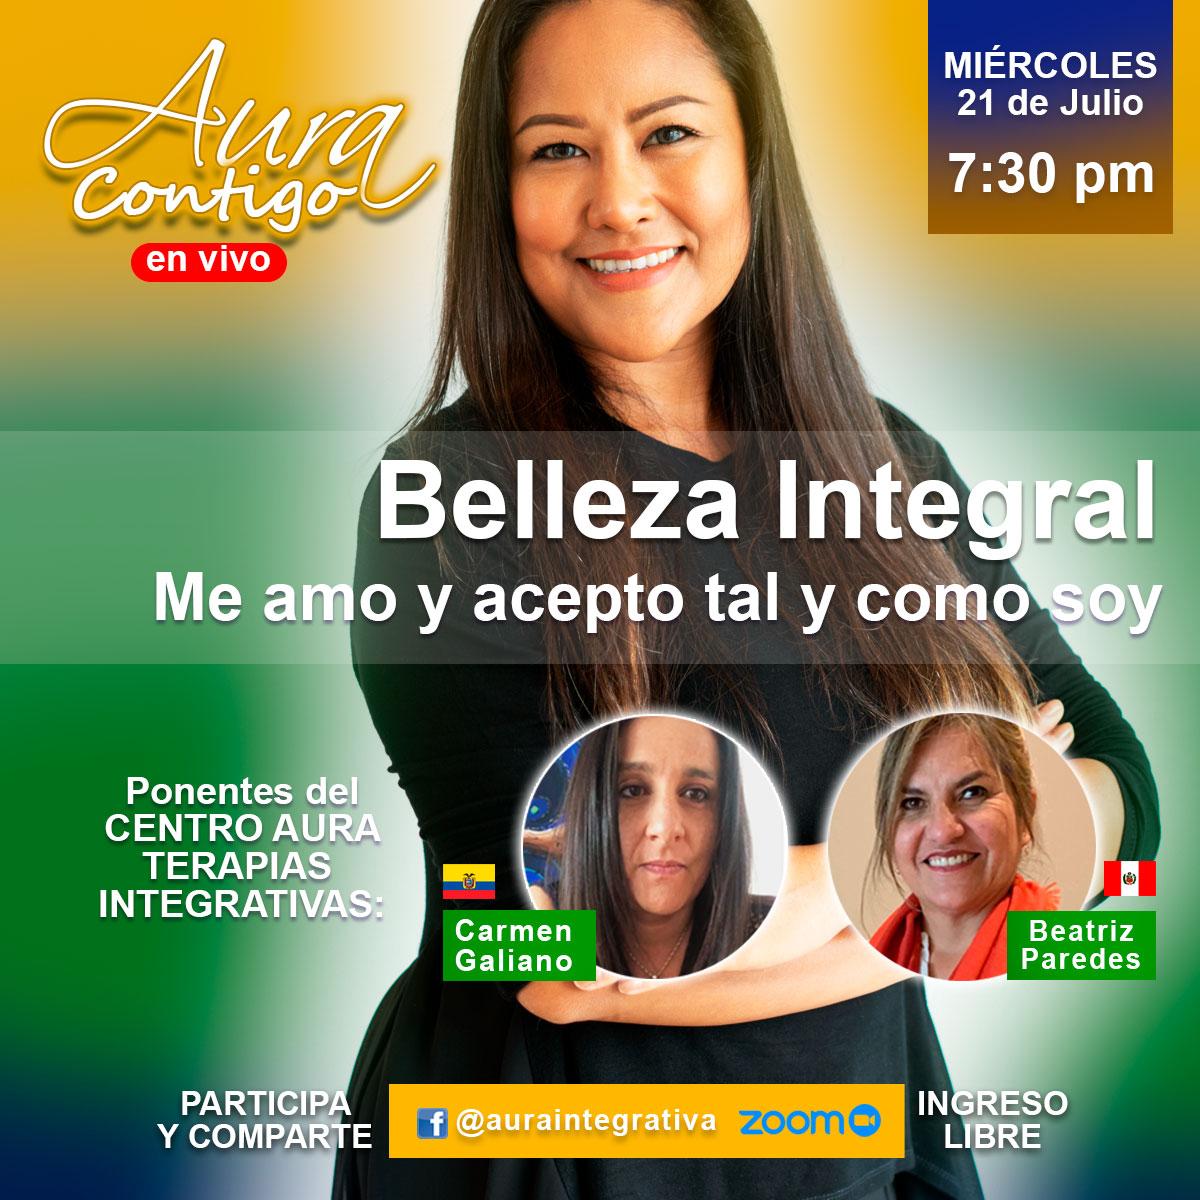 Belleza Integral es el tema del Aura Contigo del 21 de Julio de 2021